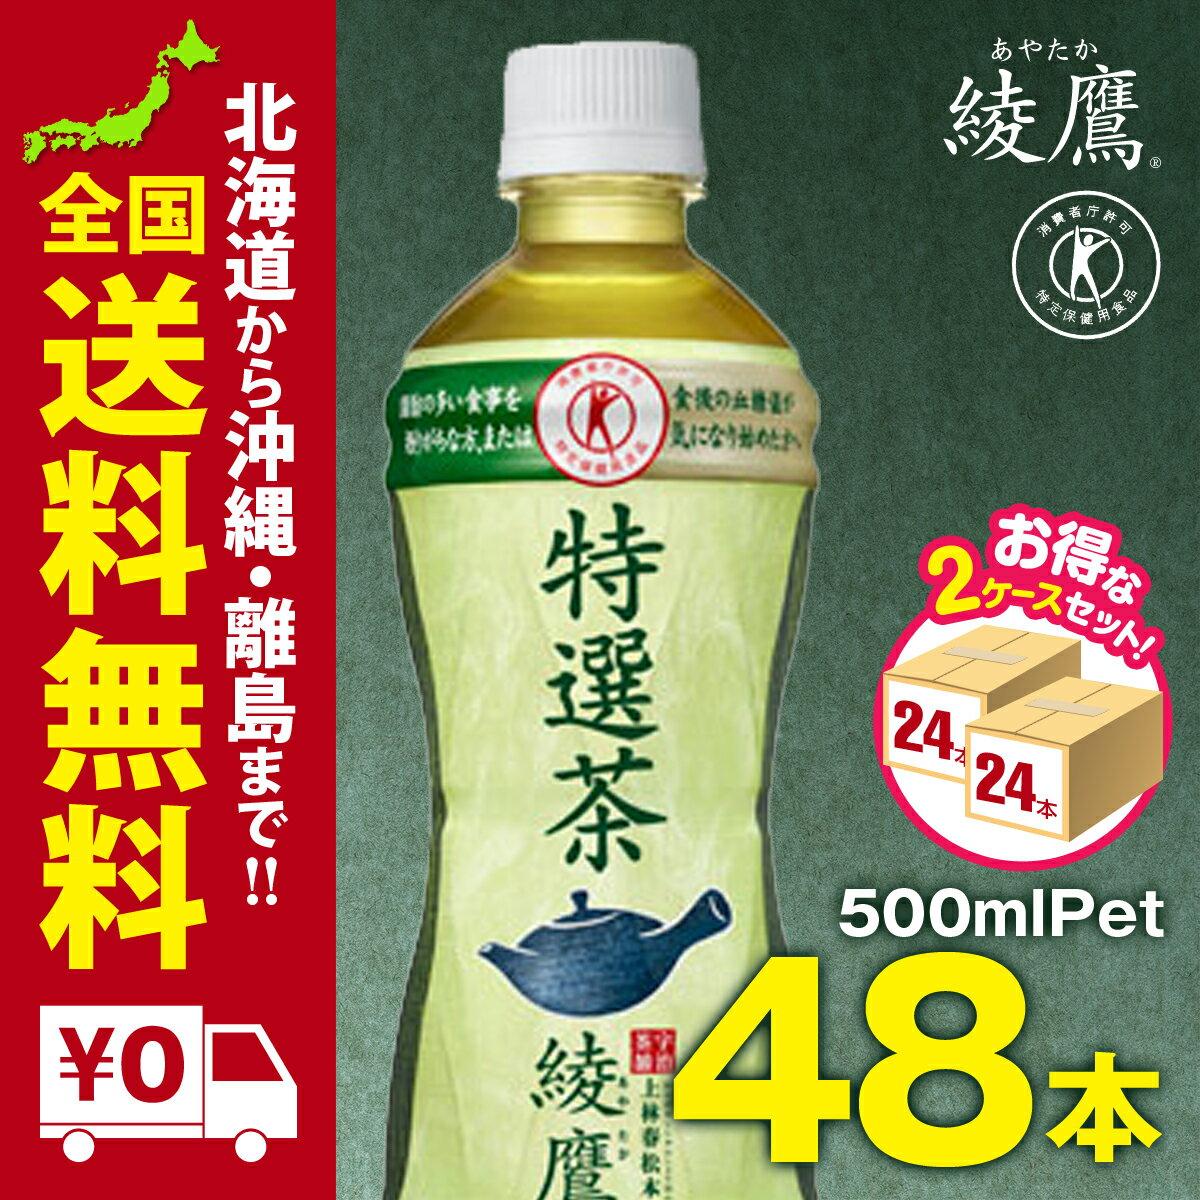 綾鷹 特選茶 PET 500ml 48本まとめ買いでさらにお得セット